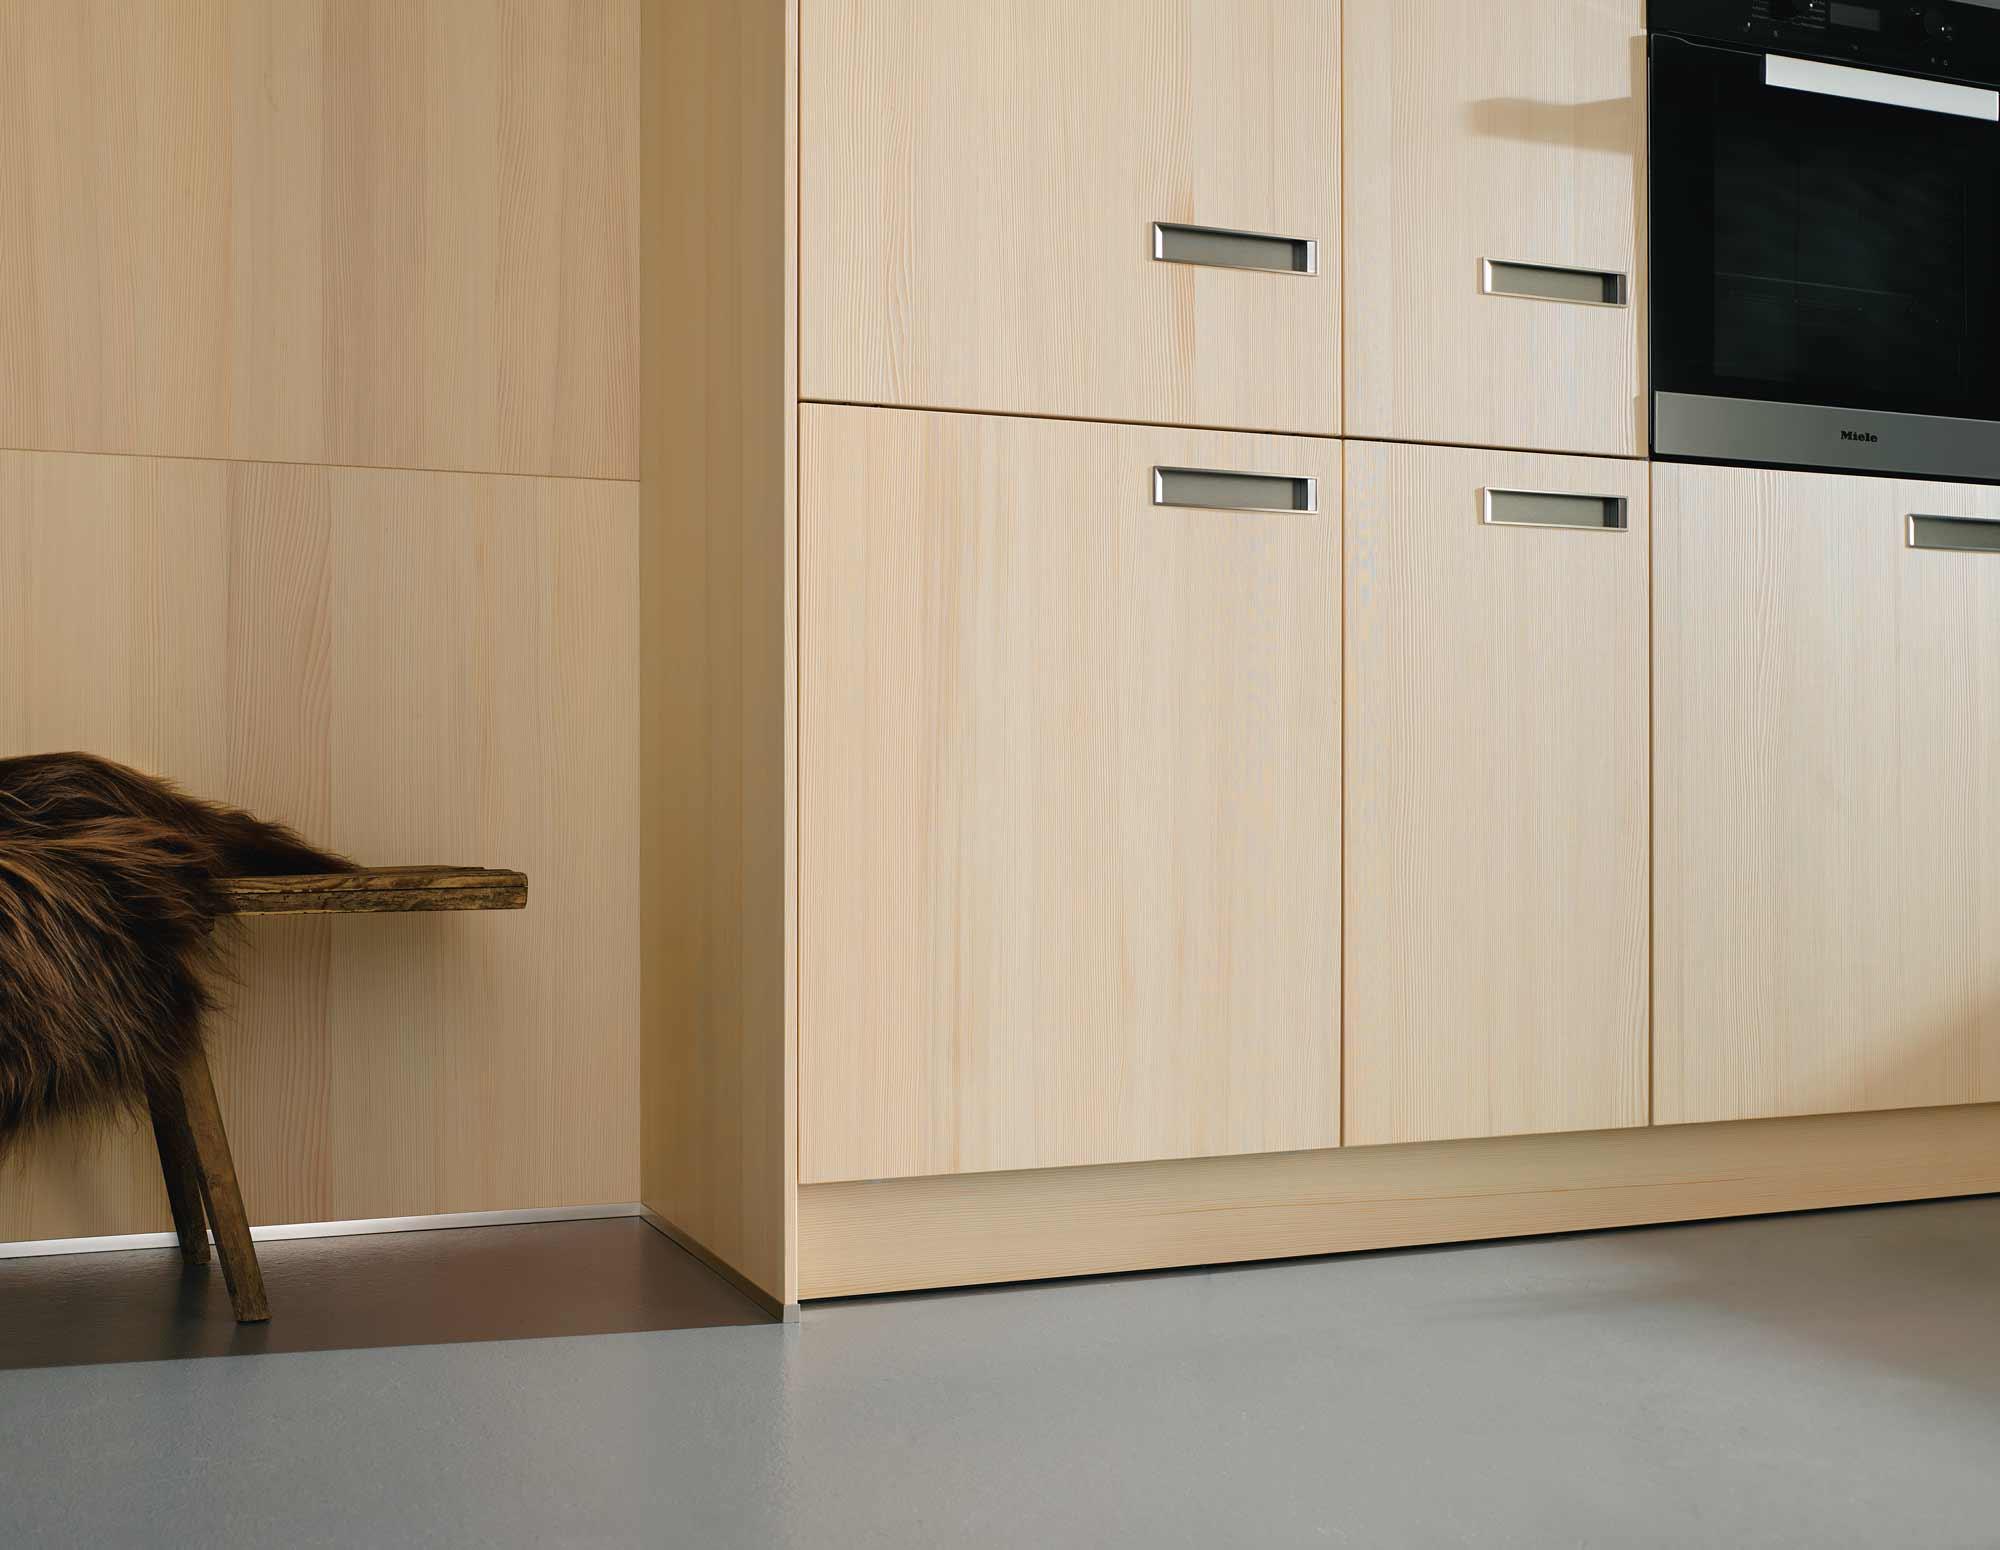 Full Size of Ikea Unterschrank Küche Weiß Unterschrank Küche Zu Verschenken Ikea Unterschrank Küche 60 Cm Breit Beleuchtung Unterschrank Küche Küche Unterschrank Küche